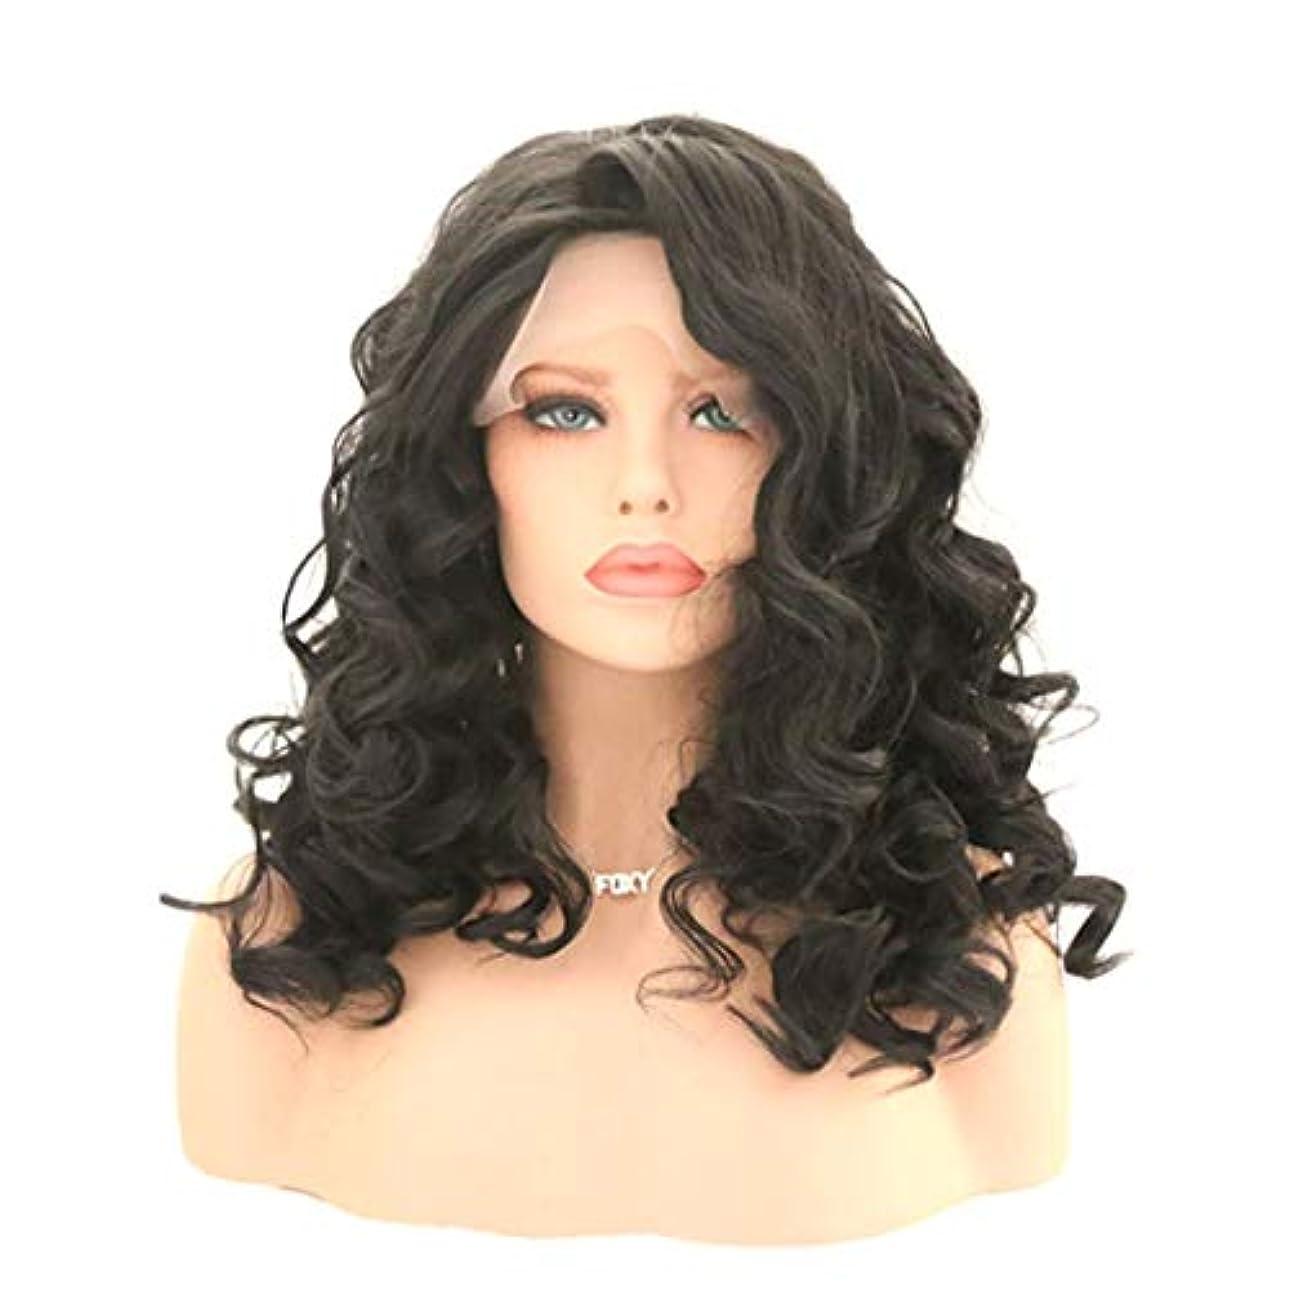 弾薬誘惑する窒素Kerwinner 女性のためのカーリー波状かつら前髪付きかつら人工毛髪かつら自然なかつら (Size : 22 inches)